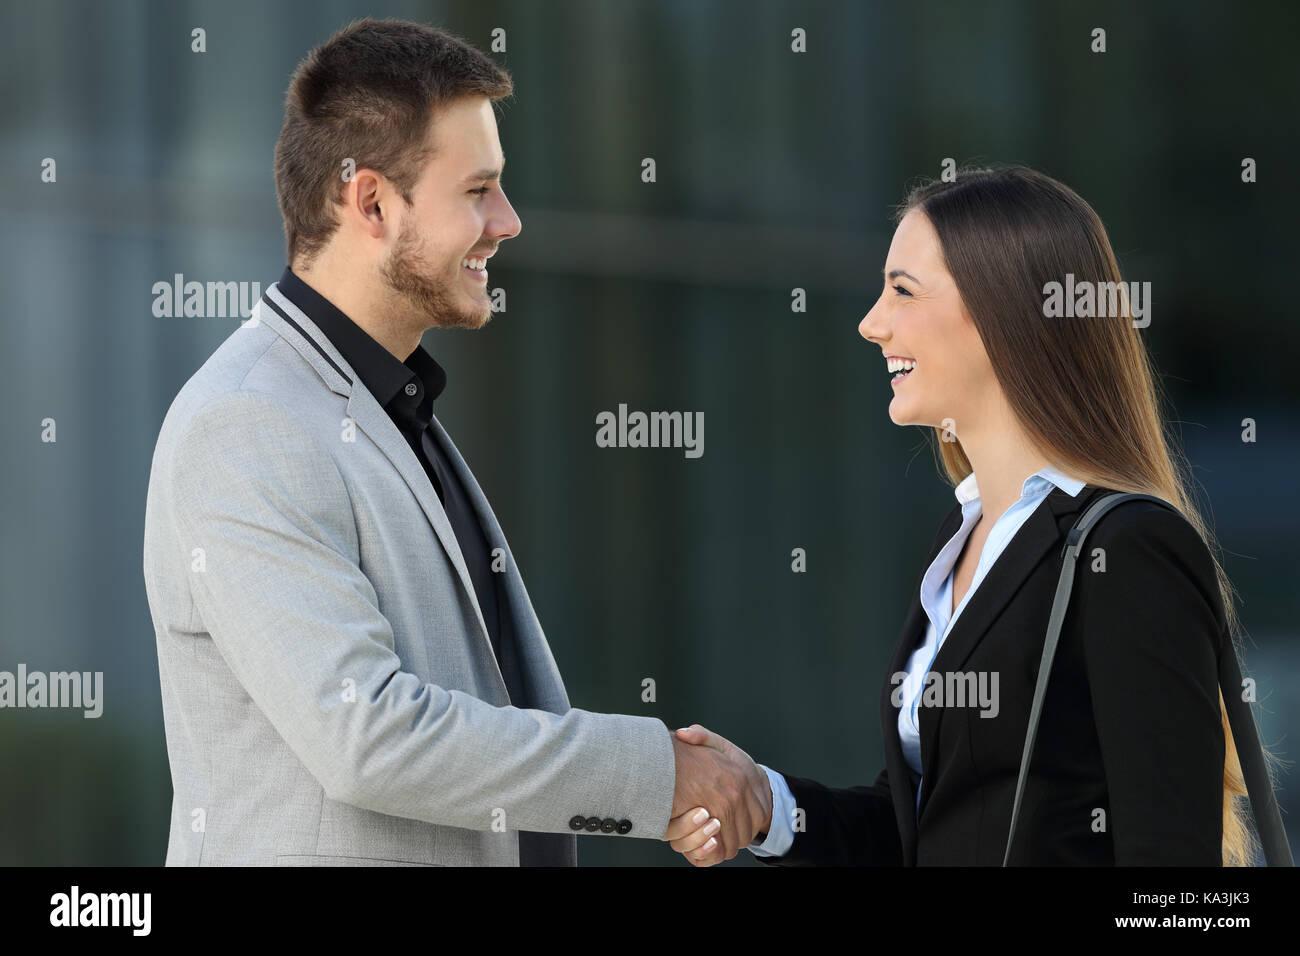 Seitliche Sicht auf zwei Glückliche Führungskräfte treffen und Handshake auf der Straße mit einem Bürogebäude im Stockfoto